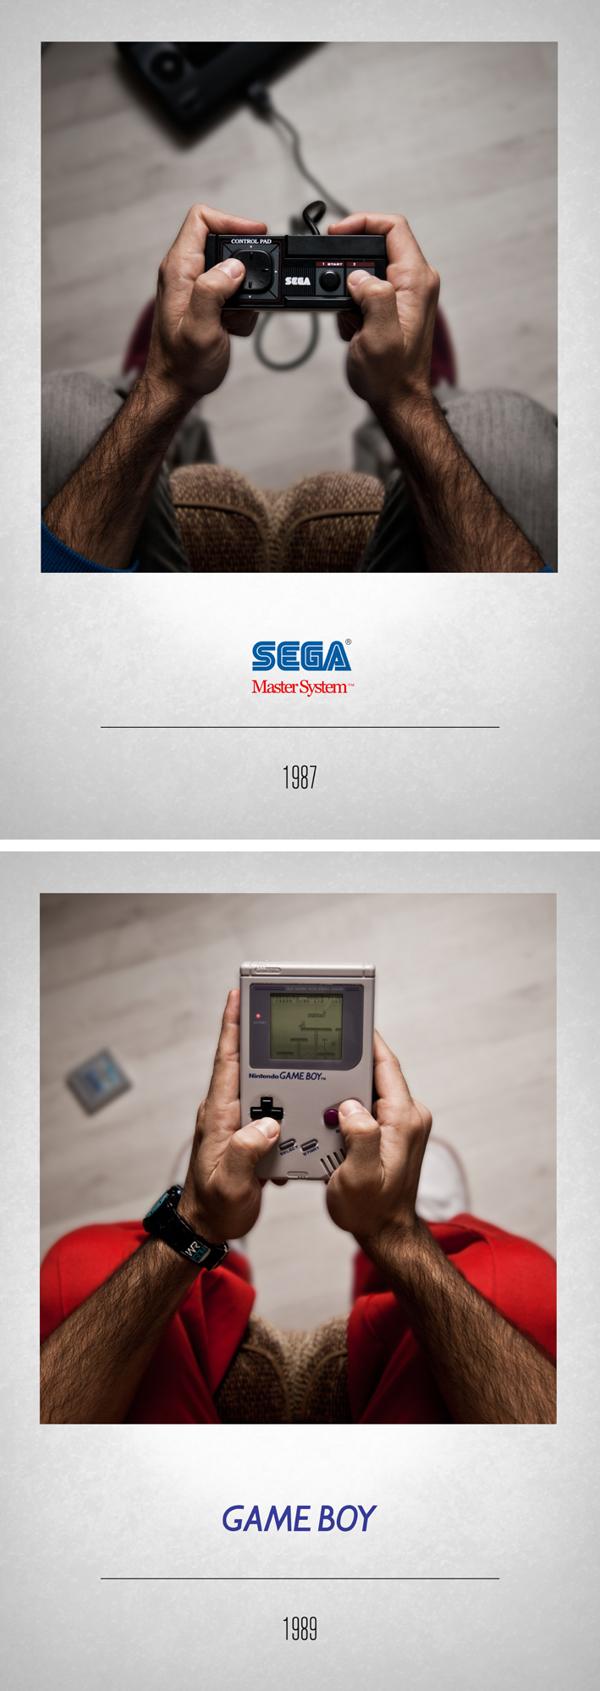 Sega controller